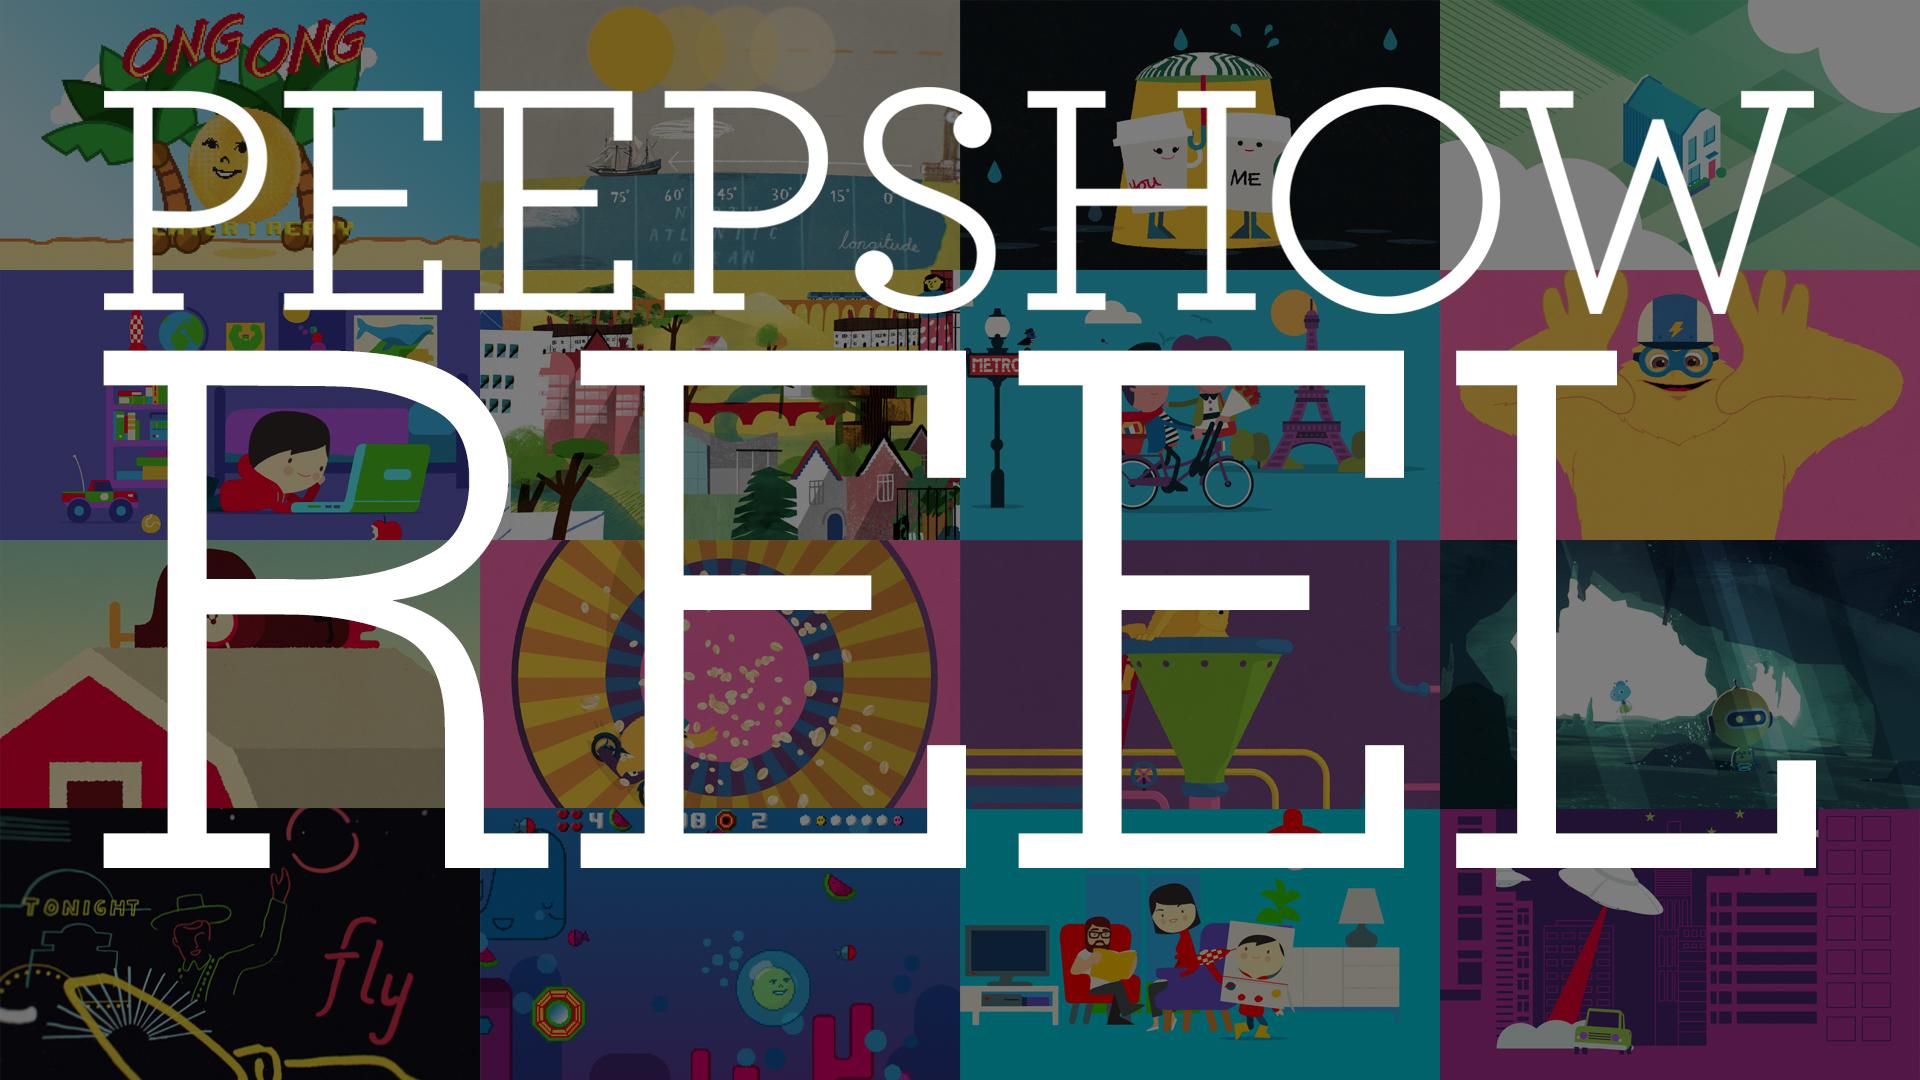 PeepShowReel | click to play